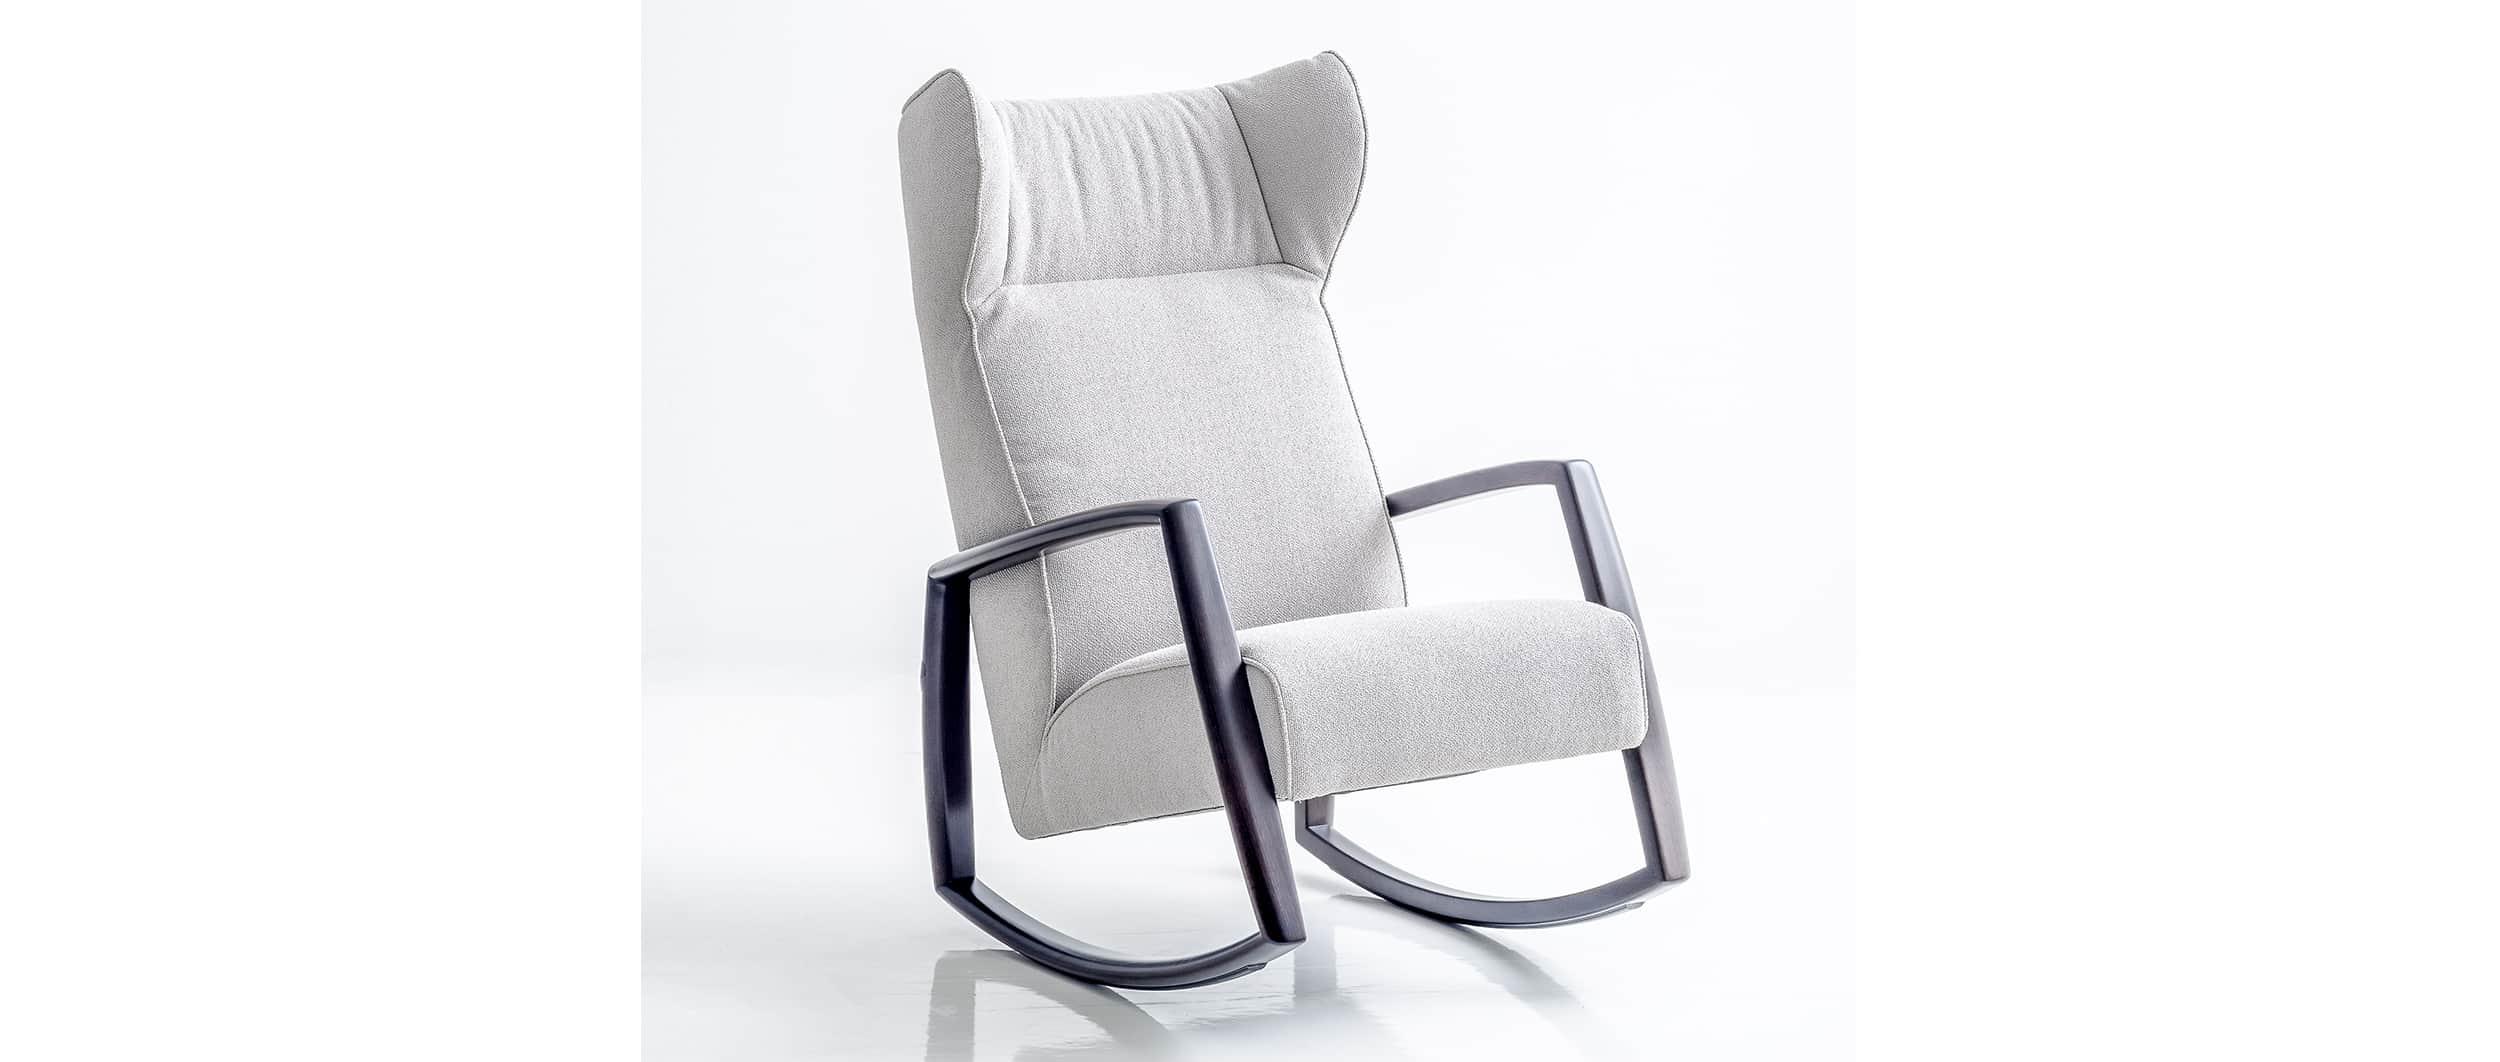 der bequeme schaukelstuhl dondolo von franz fertig. Black Bedroom Furniture Sets. Home Design Ideas